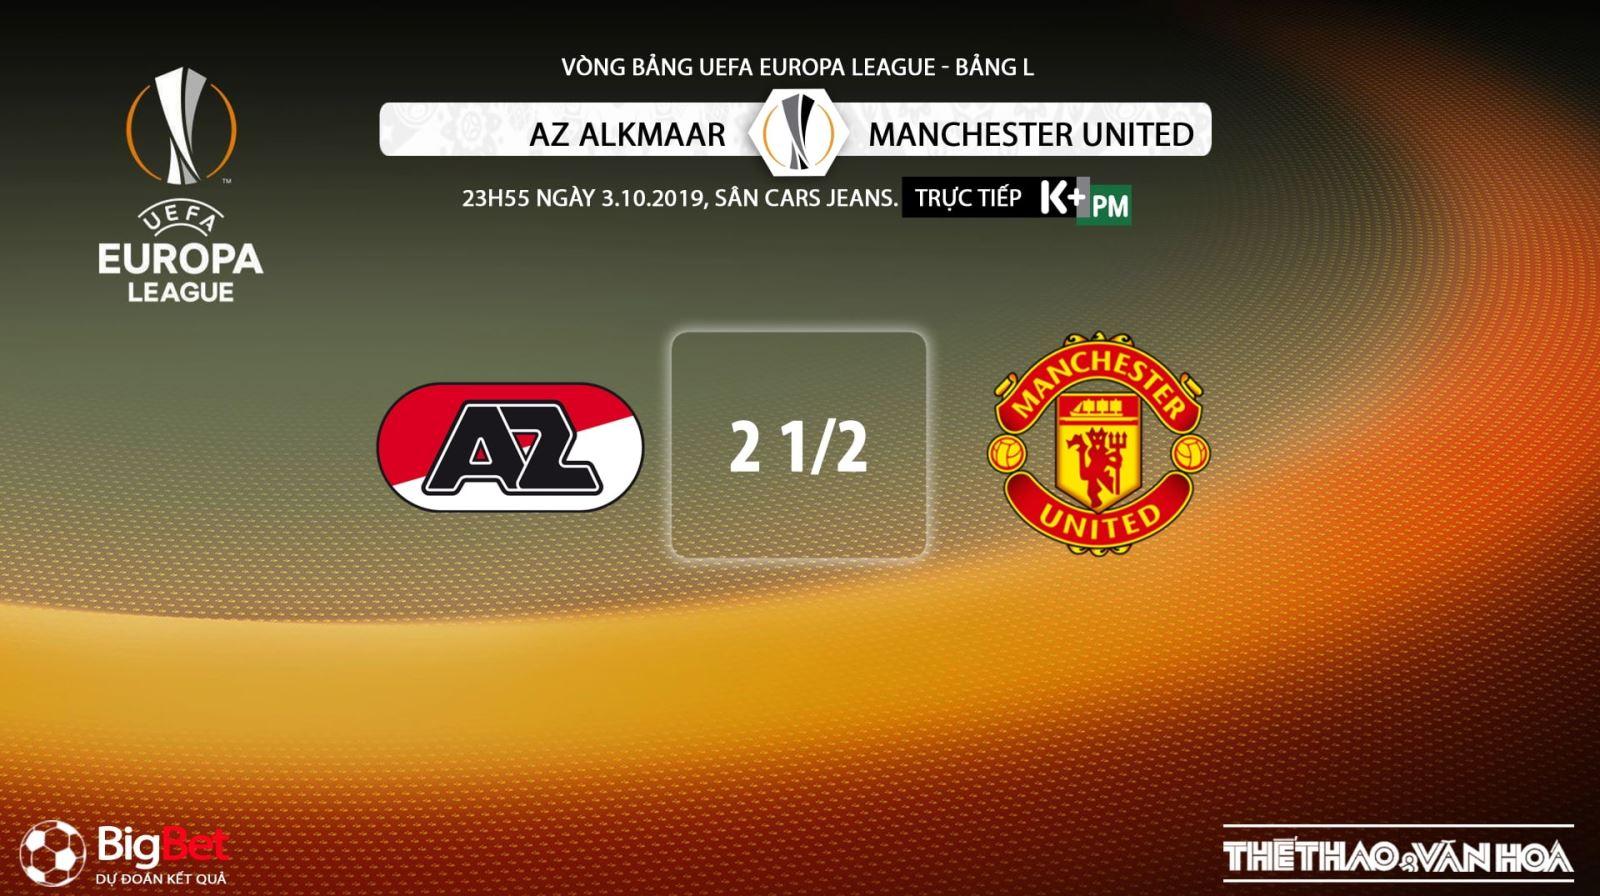 soi kèo bóng đá, AZ Alkmaar vs MU, truc tiep bong da hôm nay, AZ Alkmaar đấu với MU, trực tiếp bóng đá, K+, K+PM, K+PC, xem bóng đá trực tuyến, bong da, MU